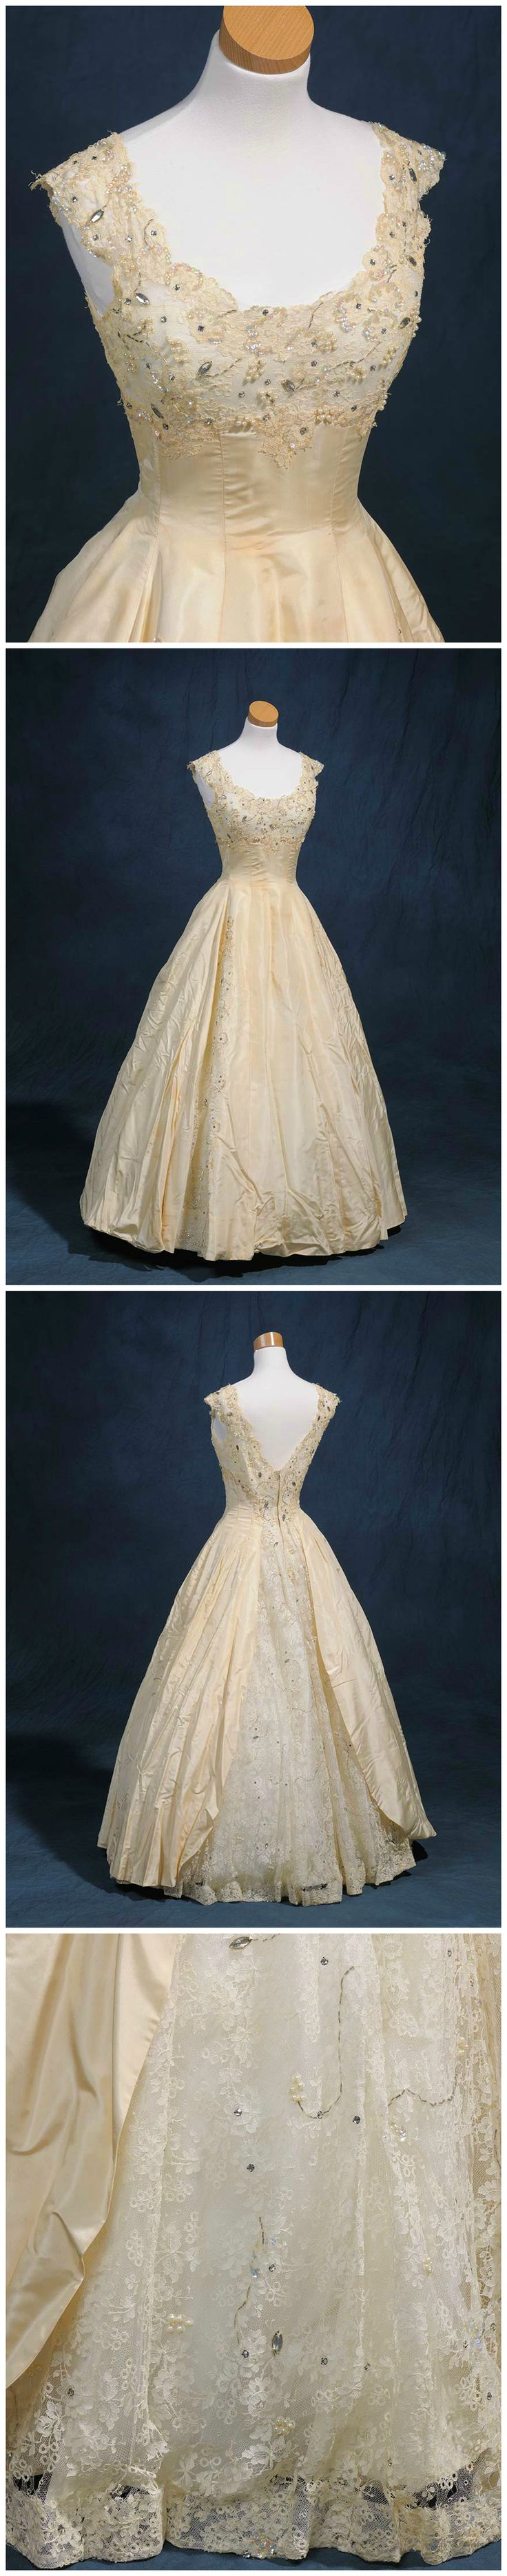 The 25+ best Debutante dresses ideas on Pinterest   15 ...